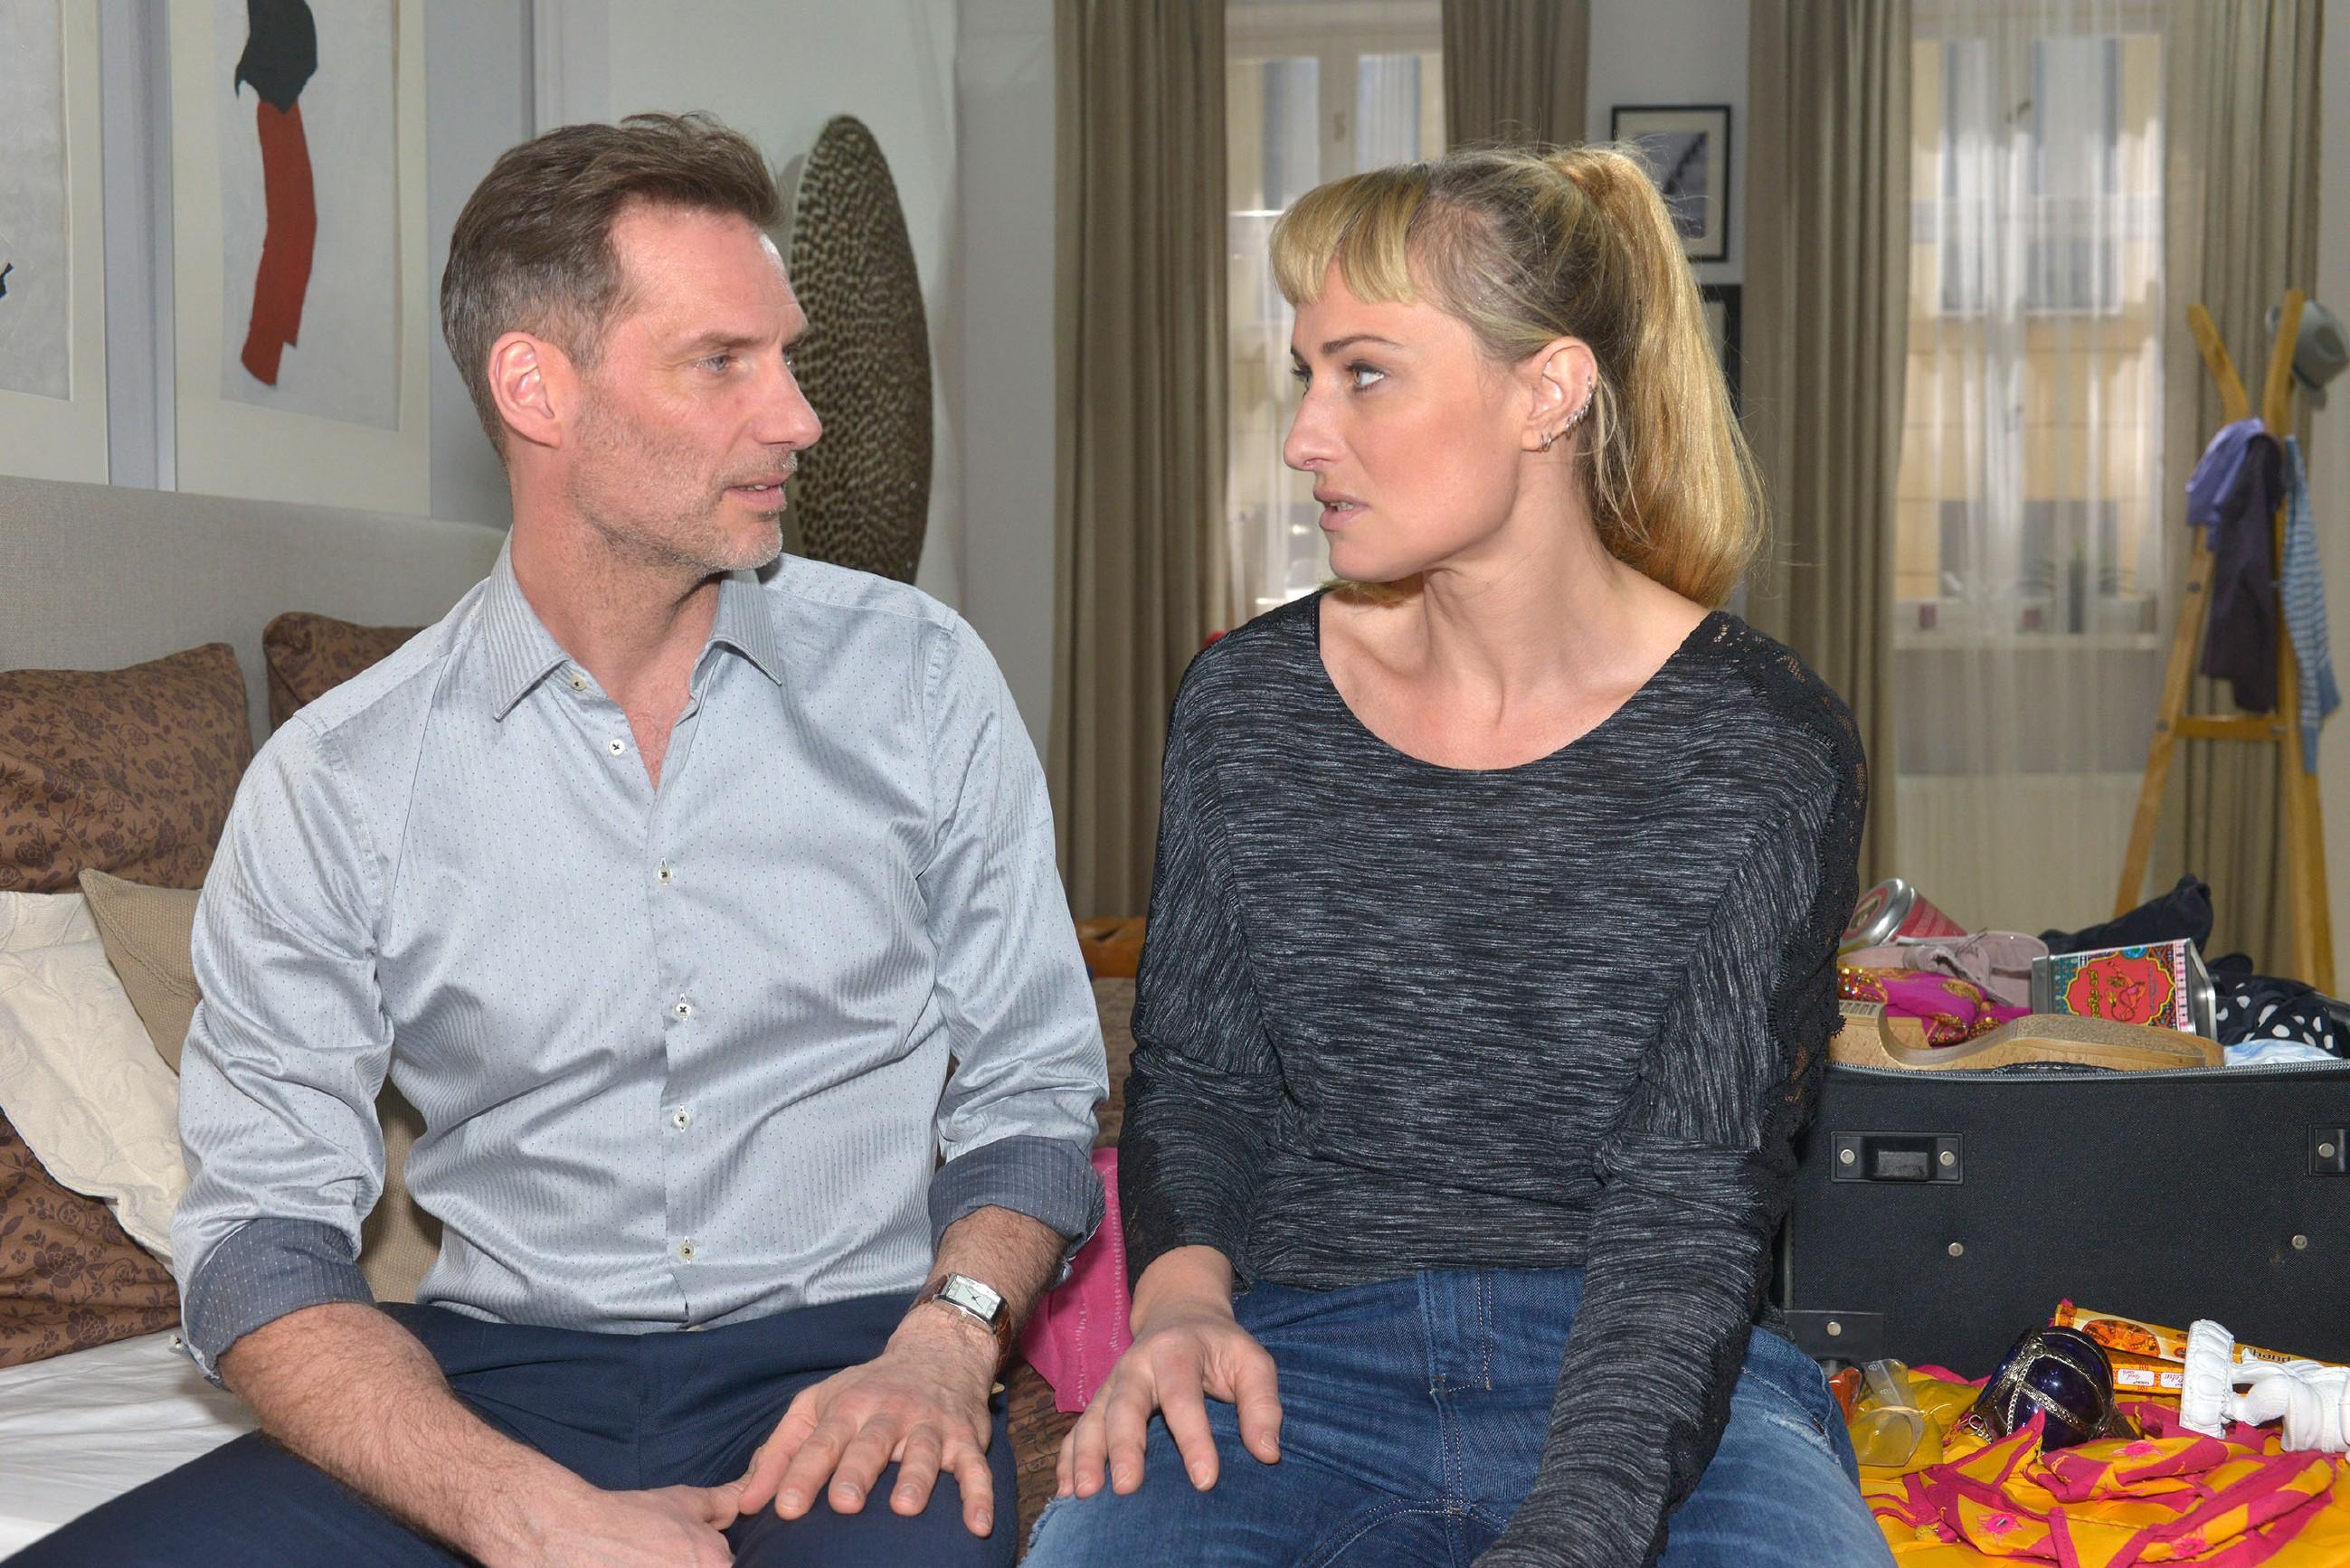 Um Maren (Eva Mona Rodekirchen) nicht aus der Bahn zu werfen, verschweigt Alexander (Clemens Löhr) ihr, dass er die Wahrheit um Frederics Tod weiß. Allerdings fällt es ihm schwer, Maren anzulügen, und es zerreißt ihm das Herz, dass sie ihn notgedrungen auch belügt. (Quelle: RTL / Rolf Baumgartner)